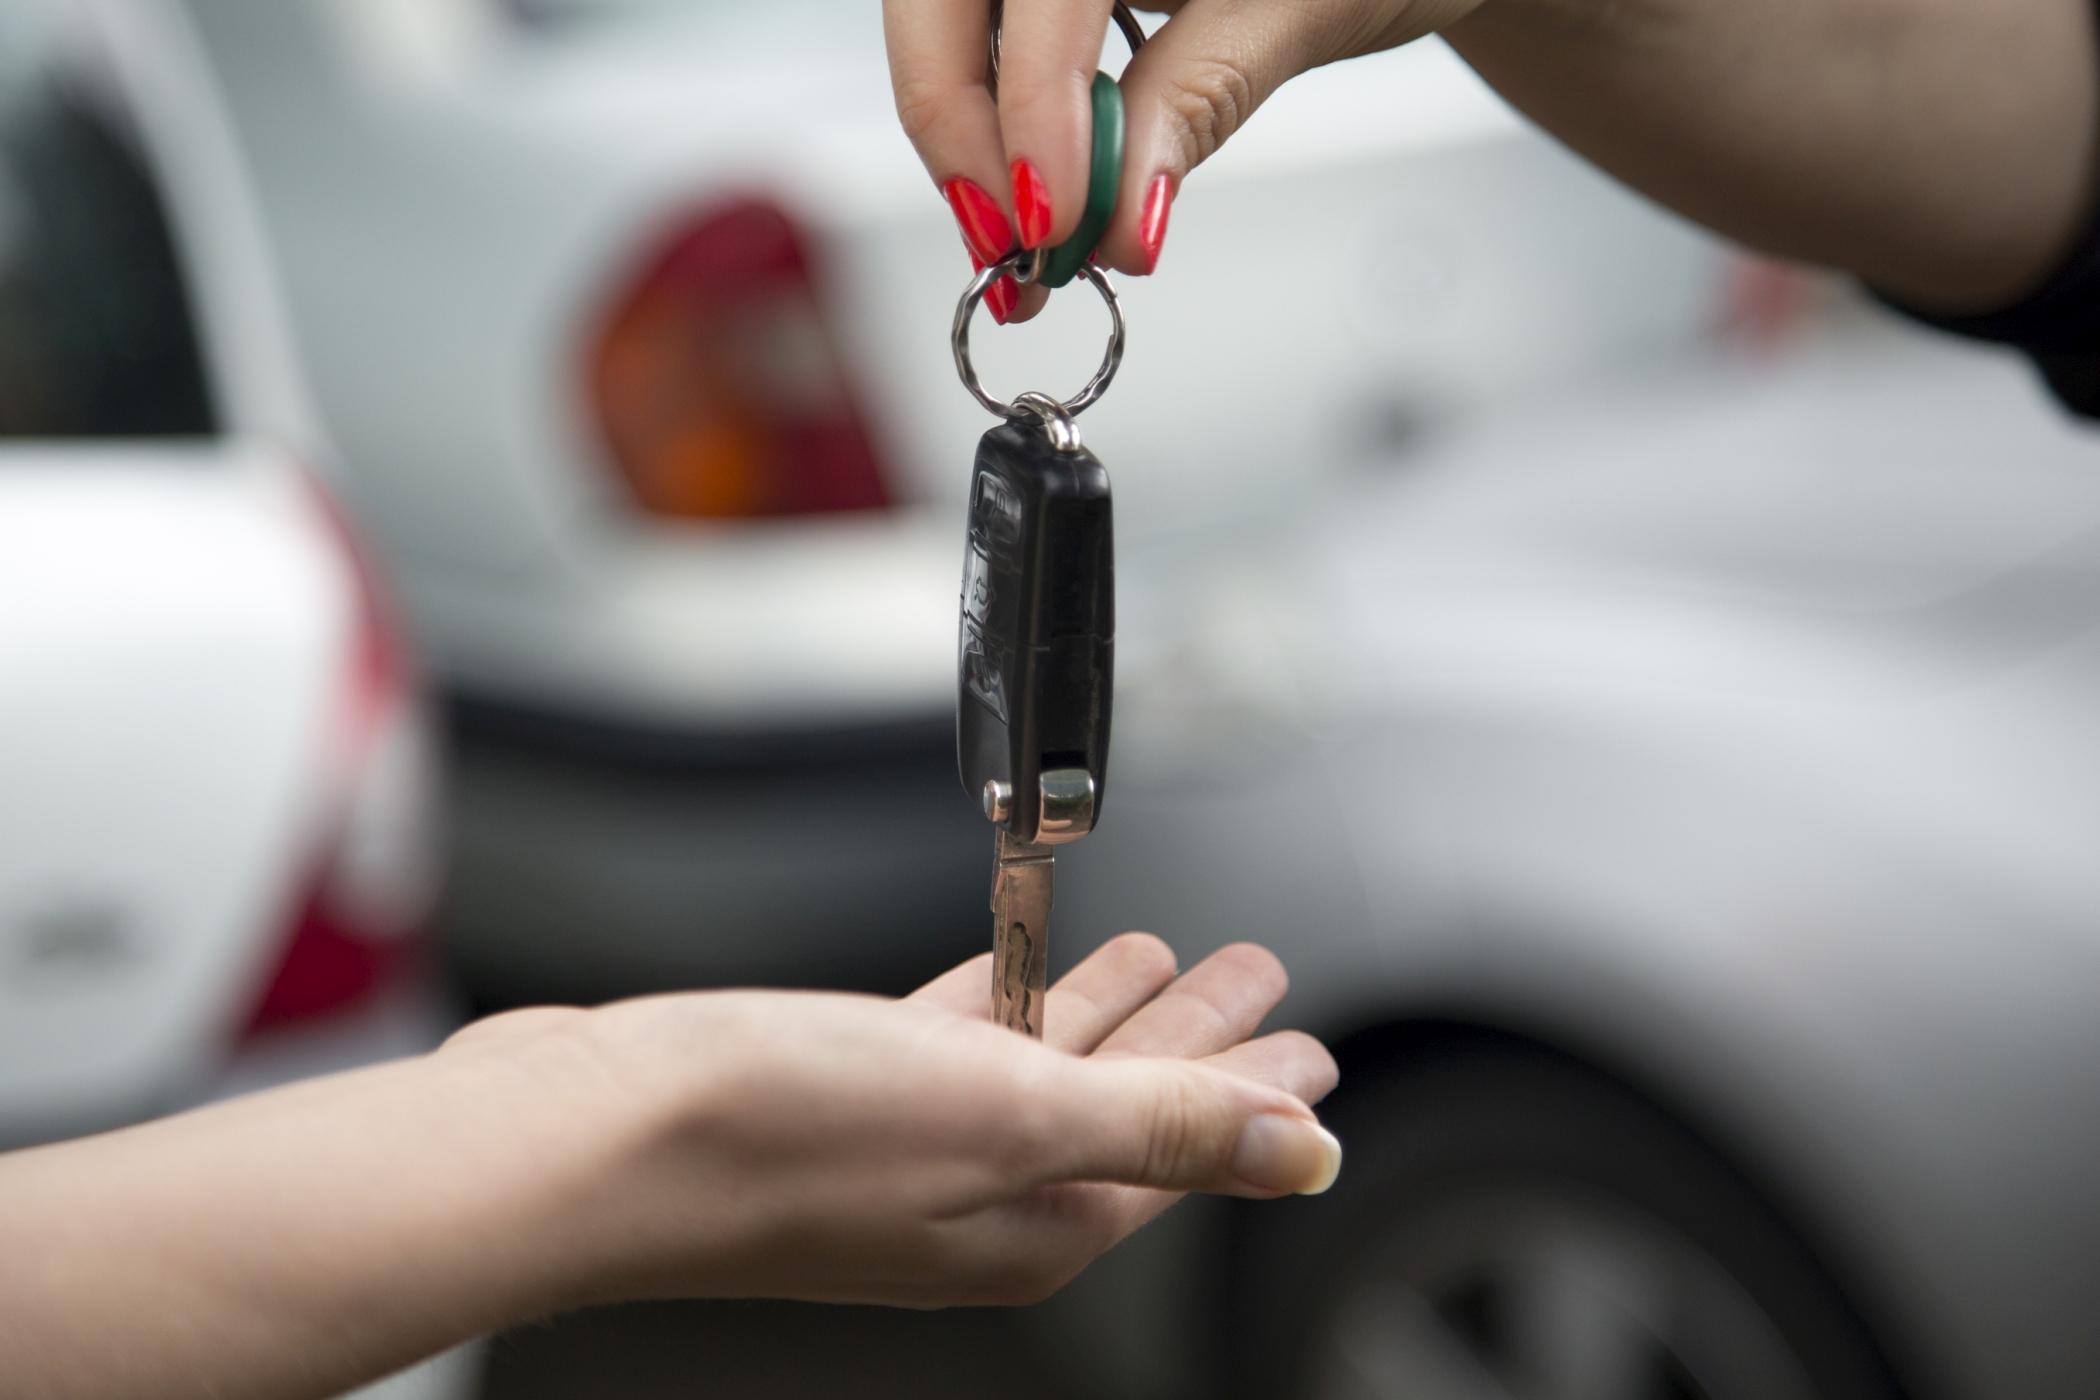 Fazer a transferência do automóvel em até 30 dias é responsabilidade dos donos. Outras medidas devem ser tomadas para evitar problemas no futuro.